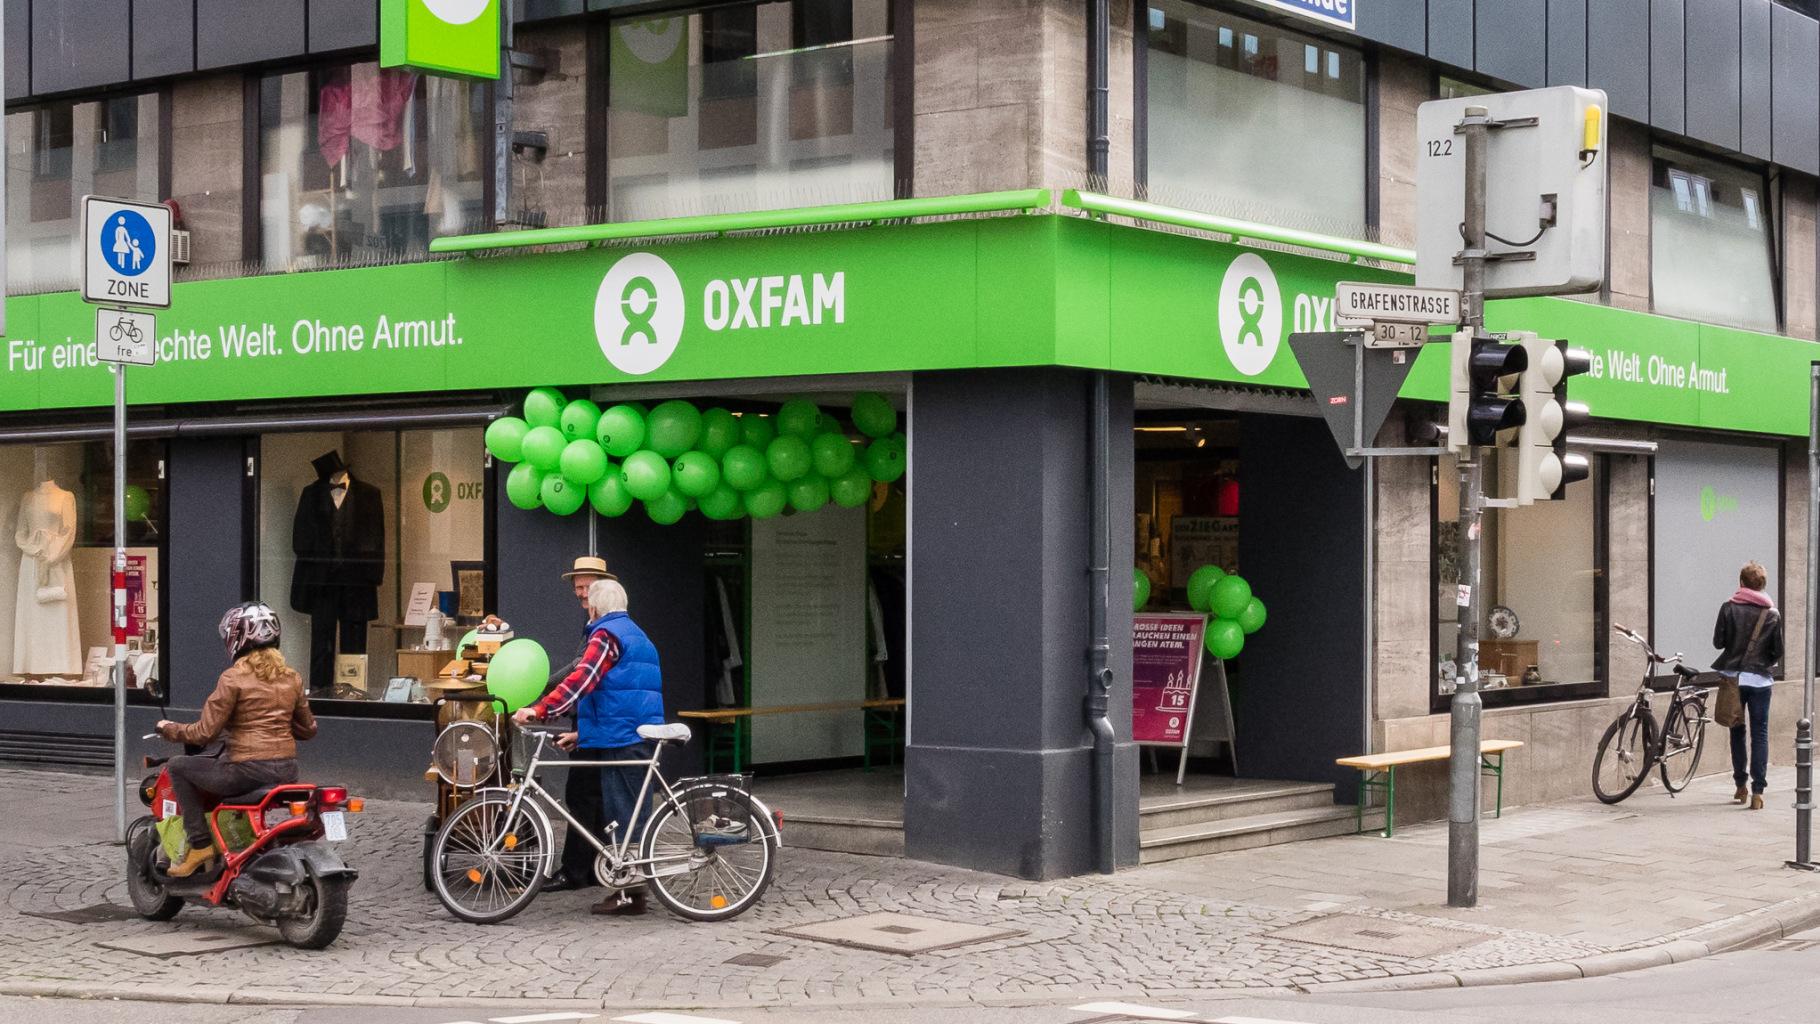 Oxfam Shop Darmstadt - Außenansicht